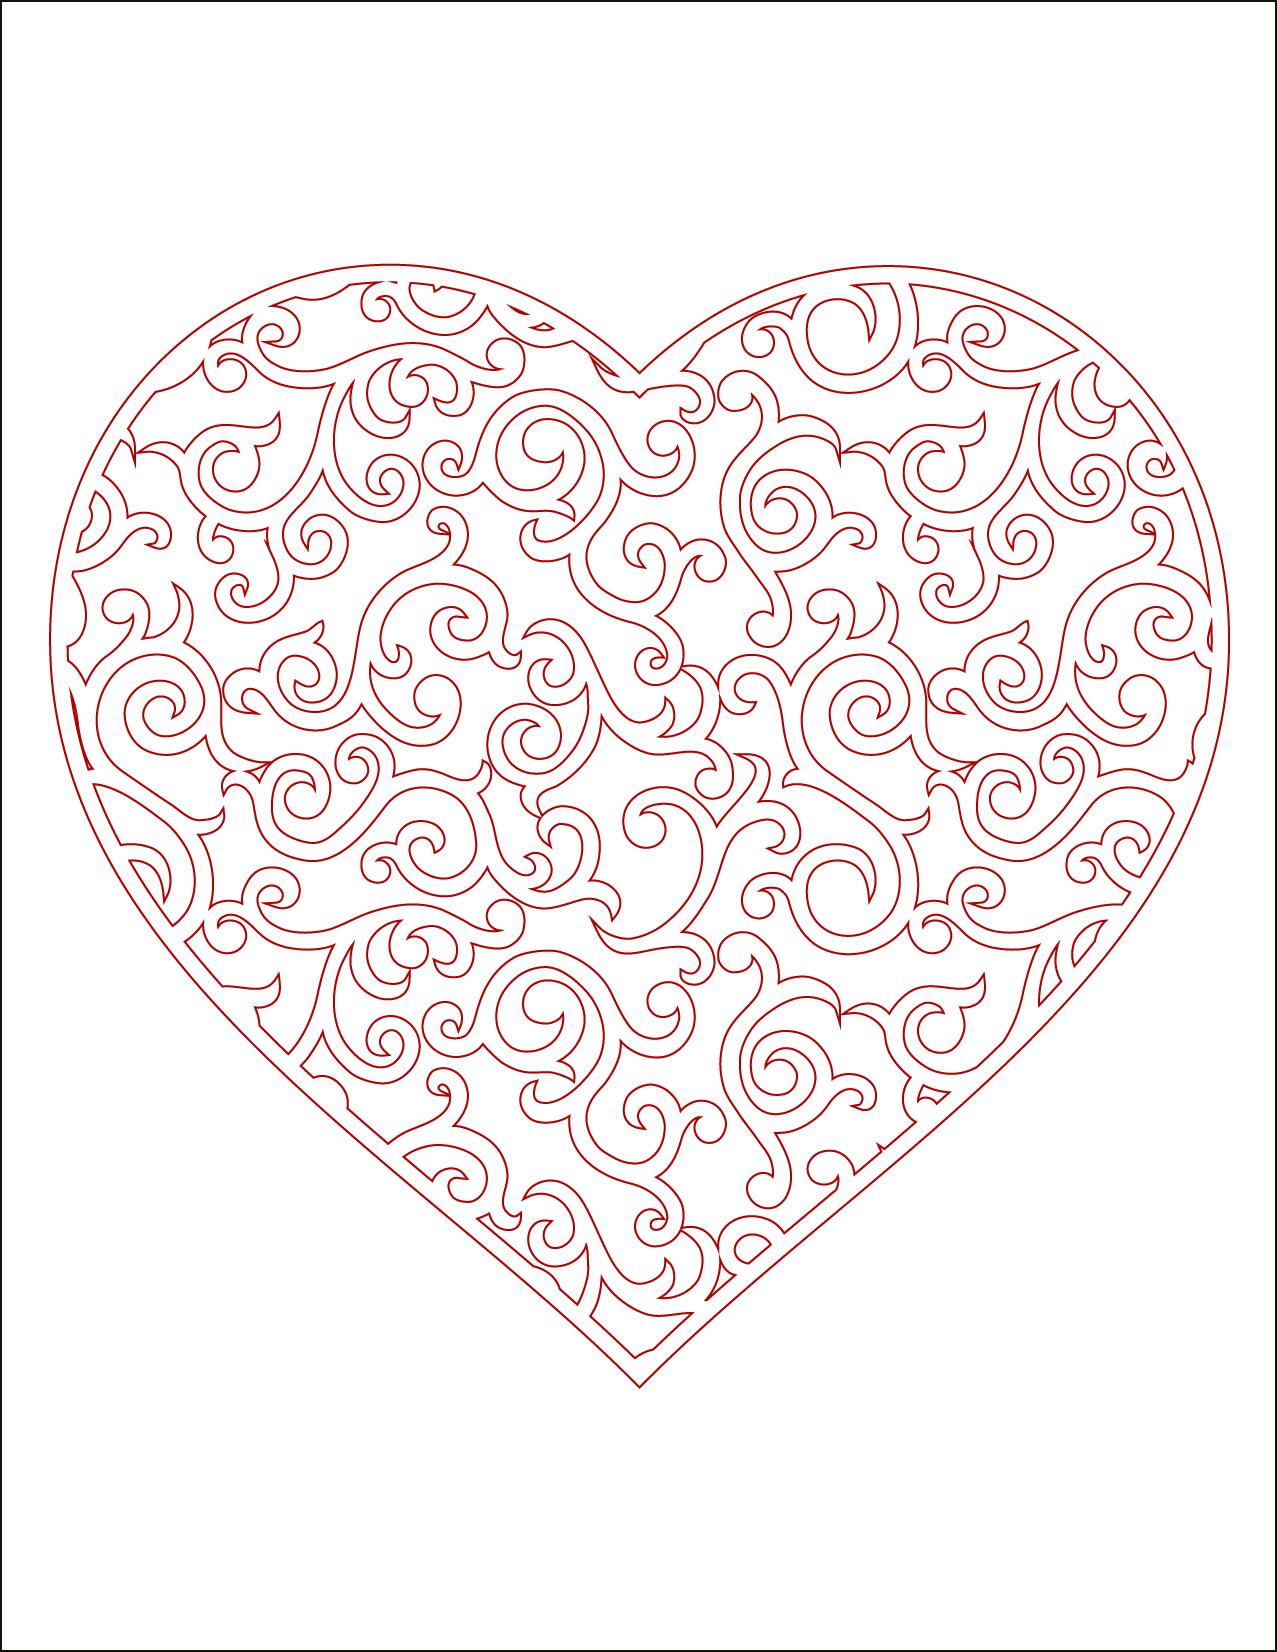 coeur imprimer en couleur carte st valentin. Black Bedroom Furniture Sets. Home Design Ideas